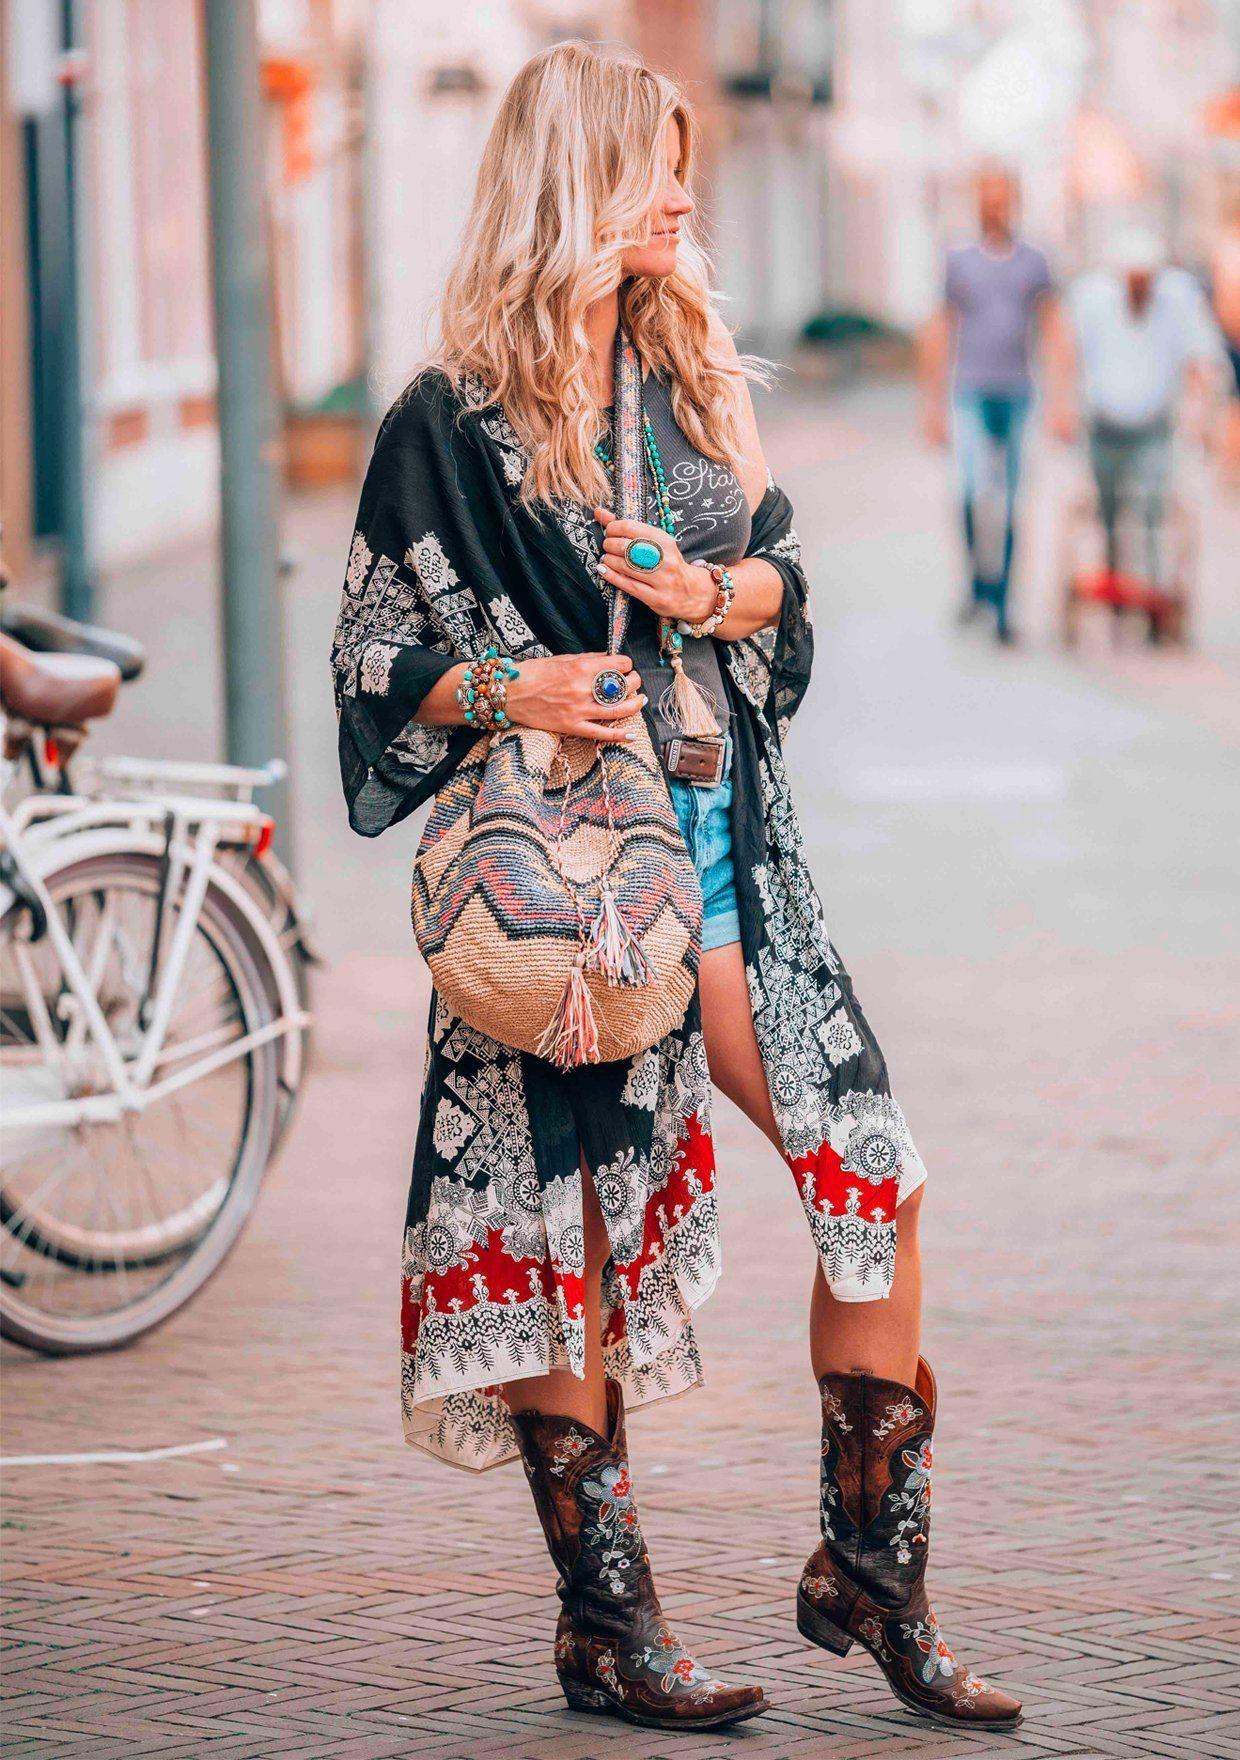 Бохо стиль в одежде - что это такое, как правильно нрсить?,  журнал